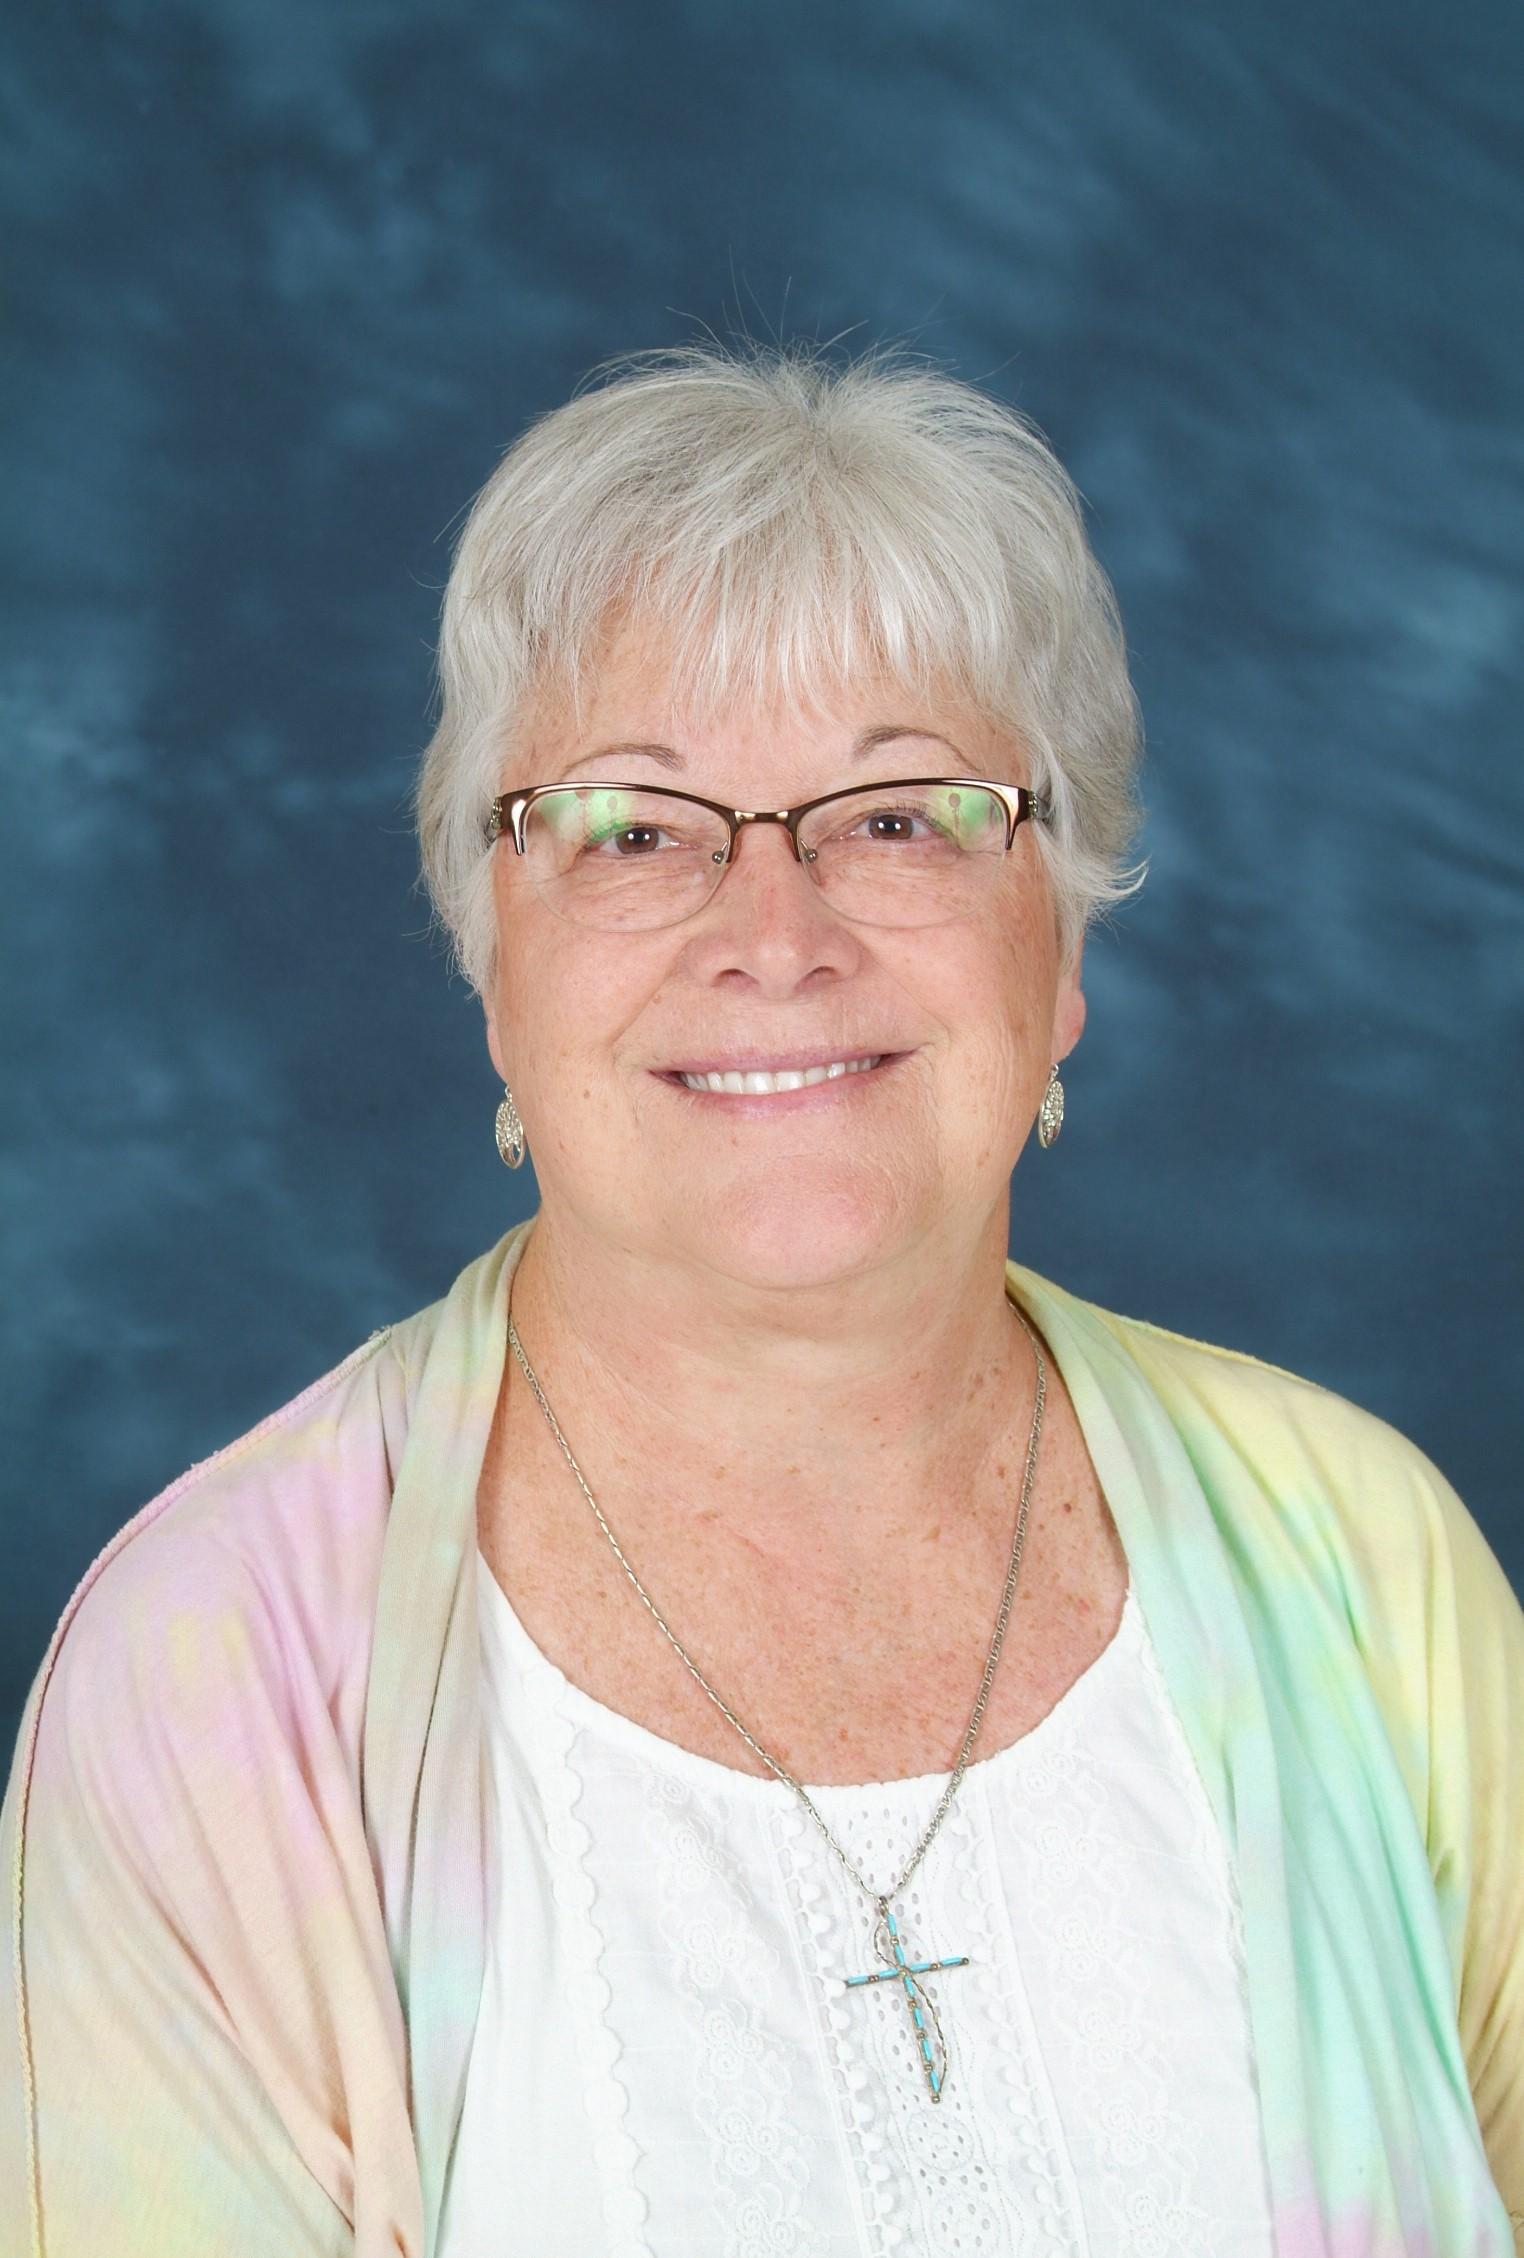 Mrs. Batton